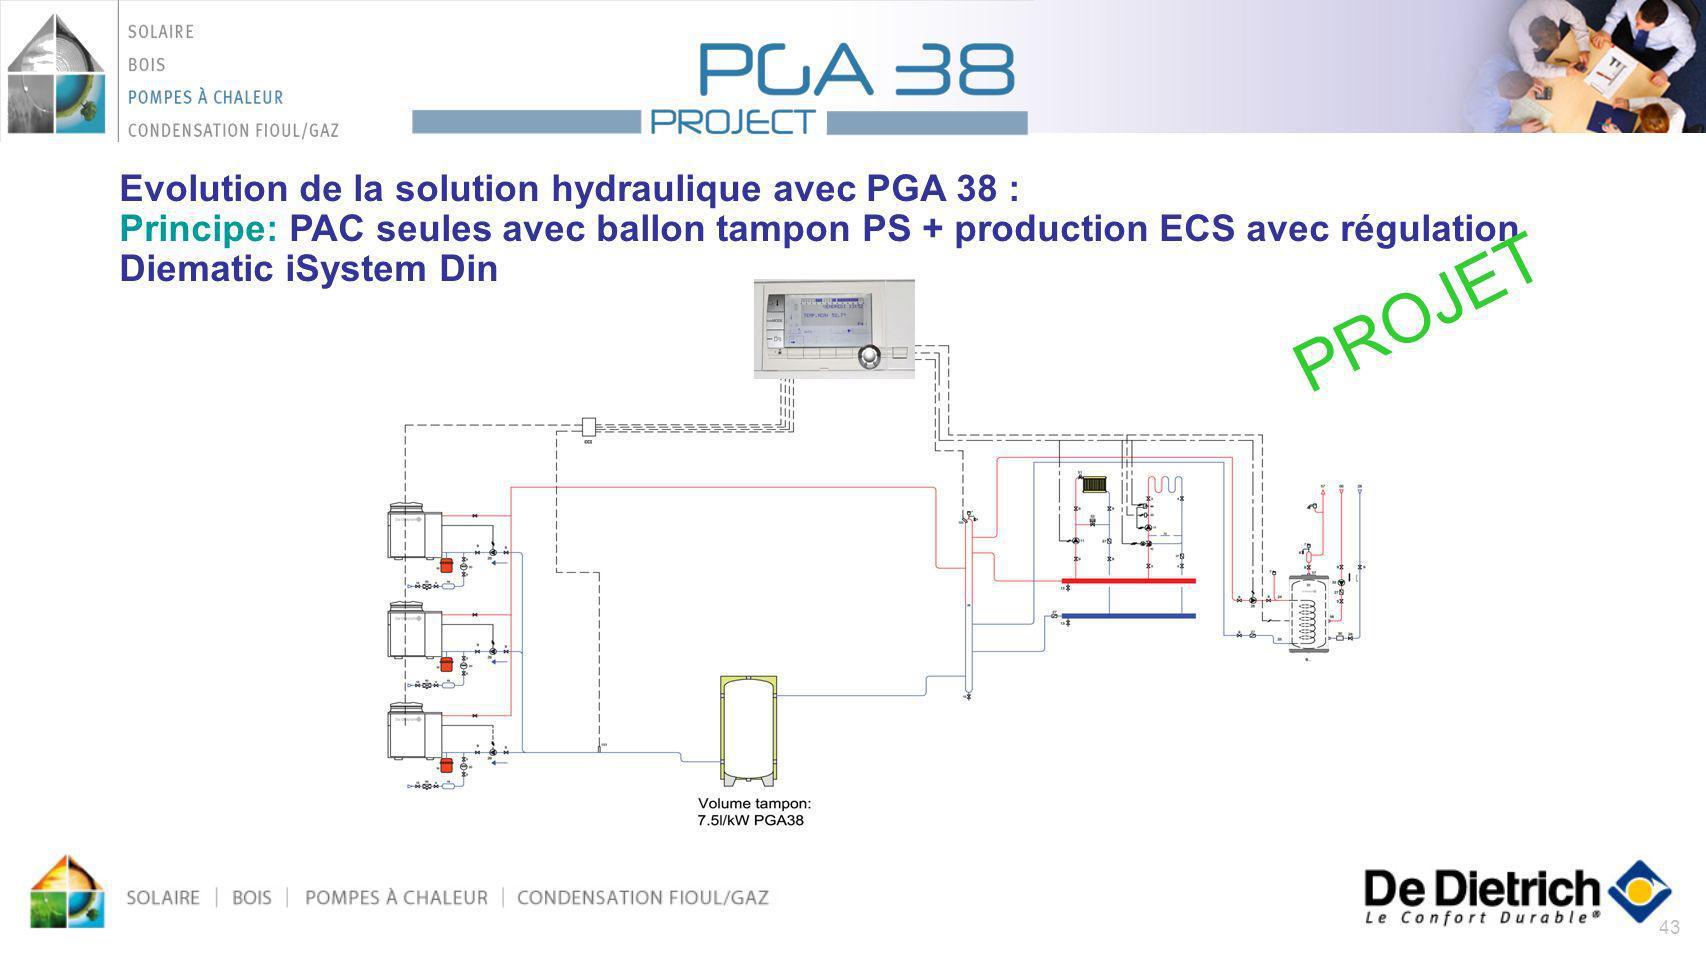 Evolution de la solution hydraulique avec PGA 38 : Principe: PAC seules avec ballon tampon PS + production ECS avec régulation Diematic iSystem Din